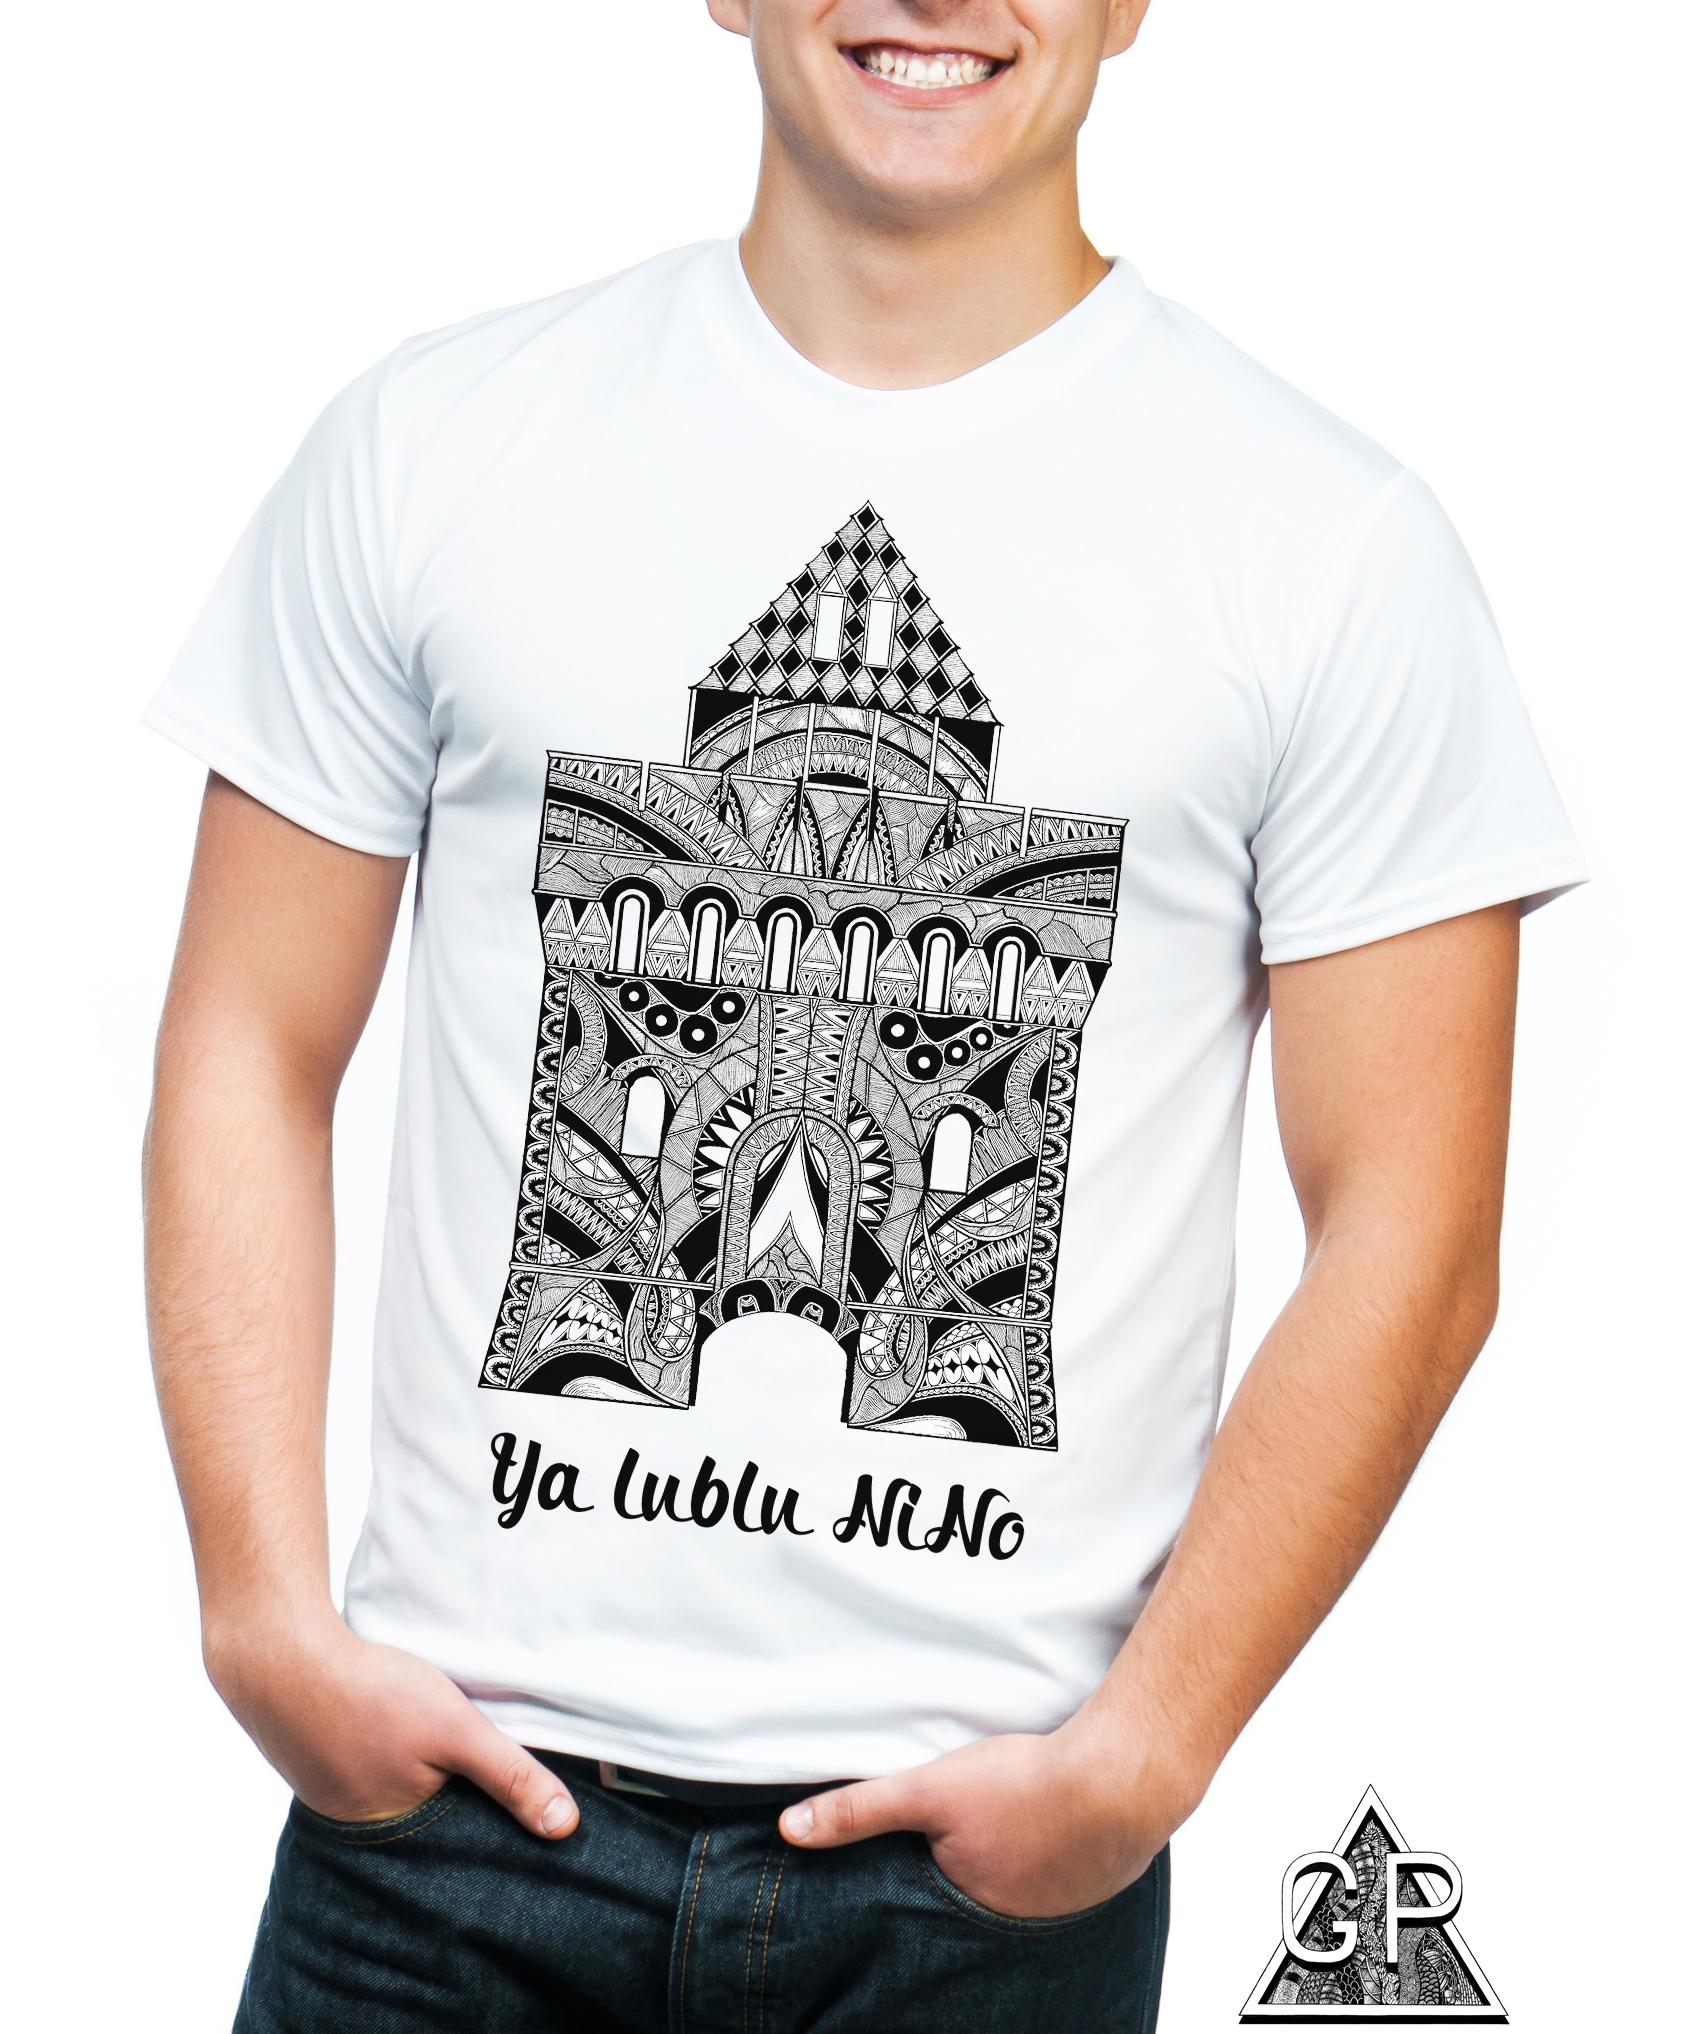 Участвуем в спрос-опросе! Нужны ли на СП дизайнерские футболки с символикой Нижнего Новгорода?